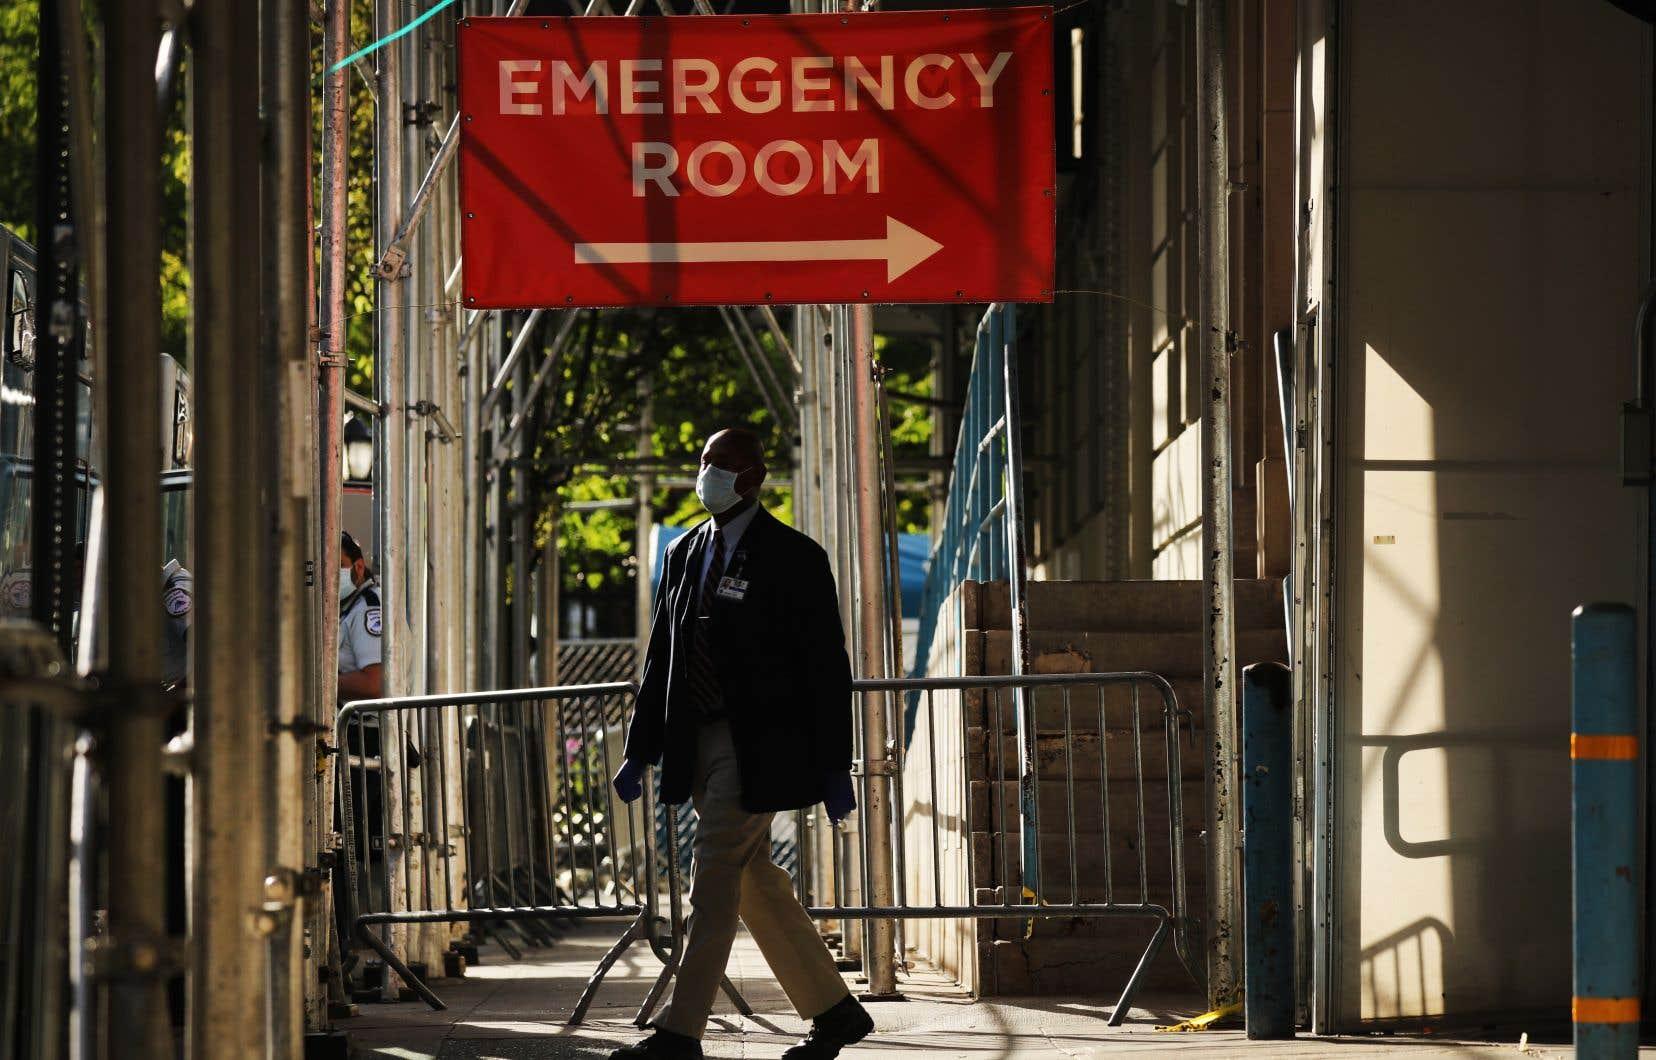 À New York, des soignants de toutes spécialités, voire du reste du pays, ont prêté main-forte pour gérer le tsunami de patients COVID-19.